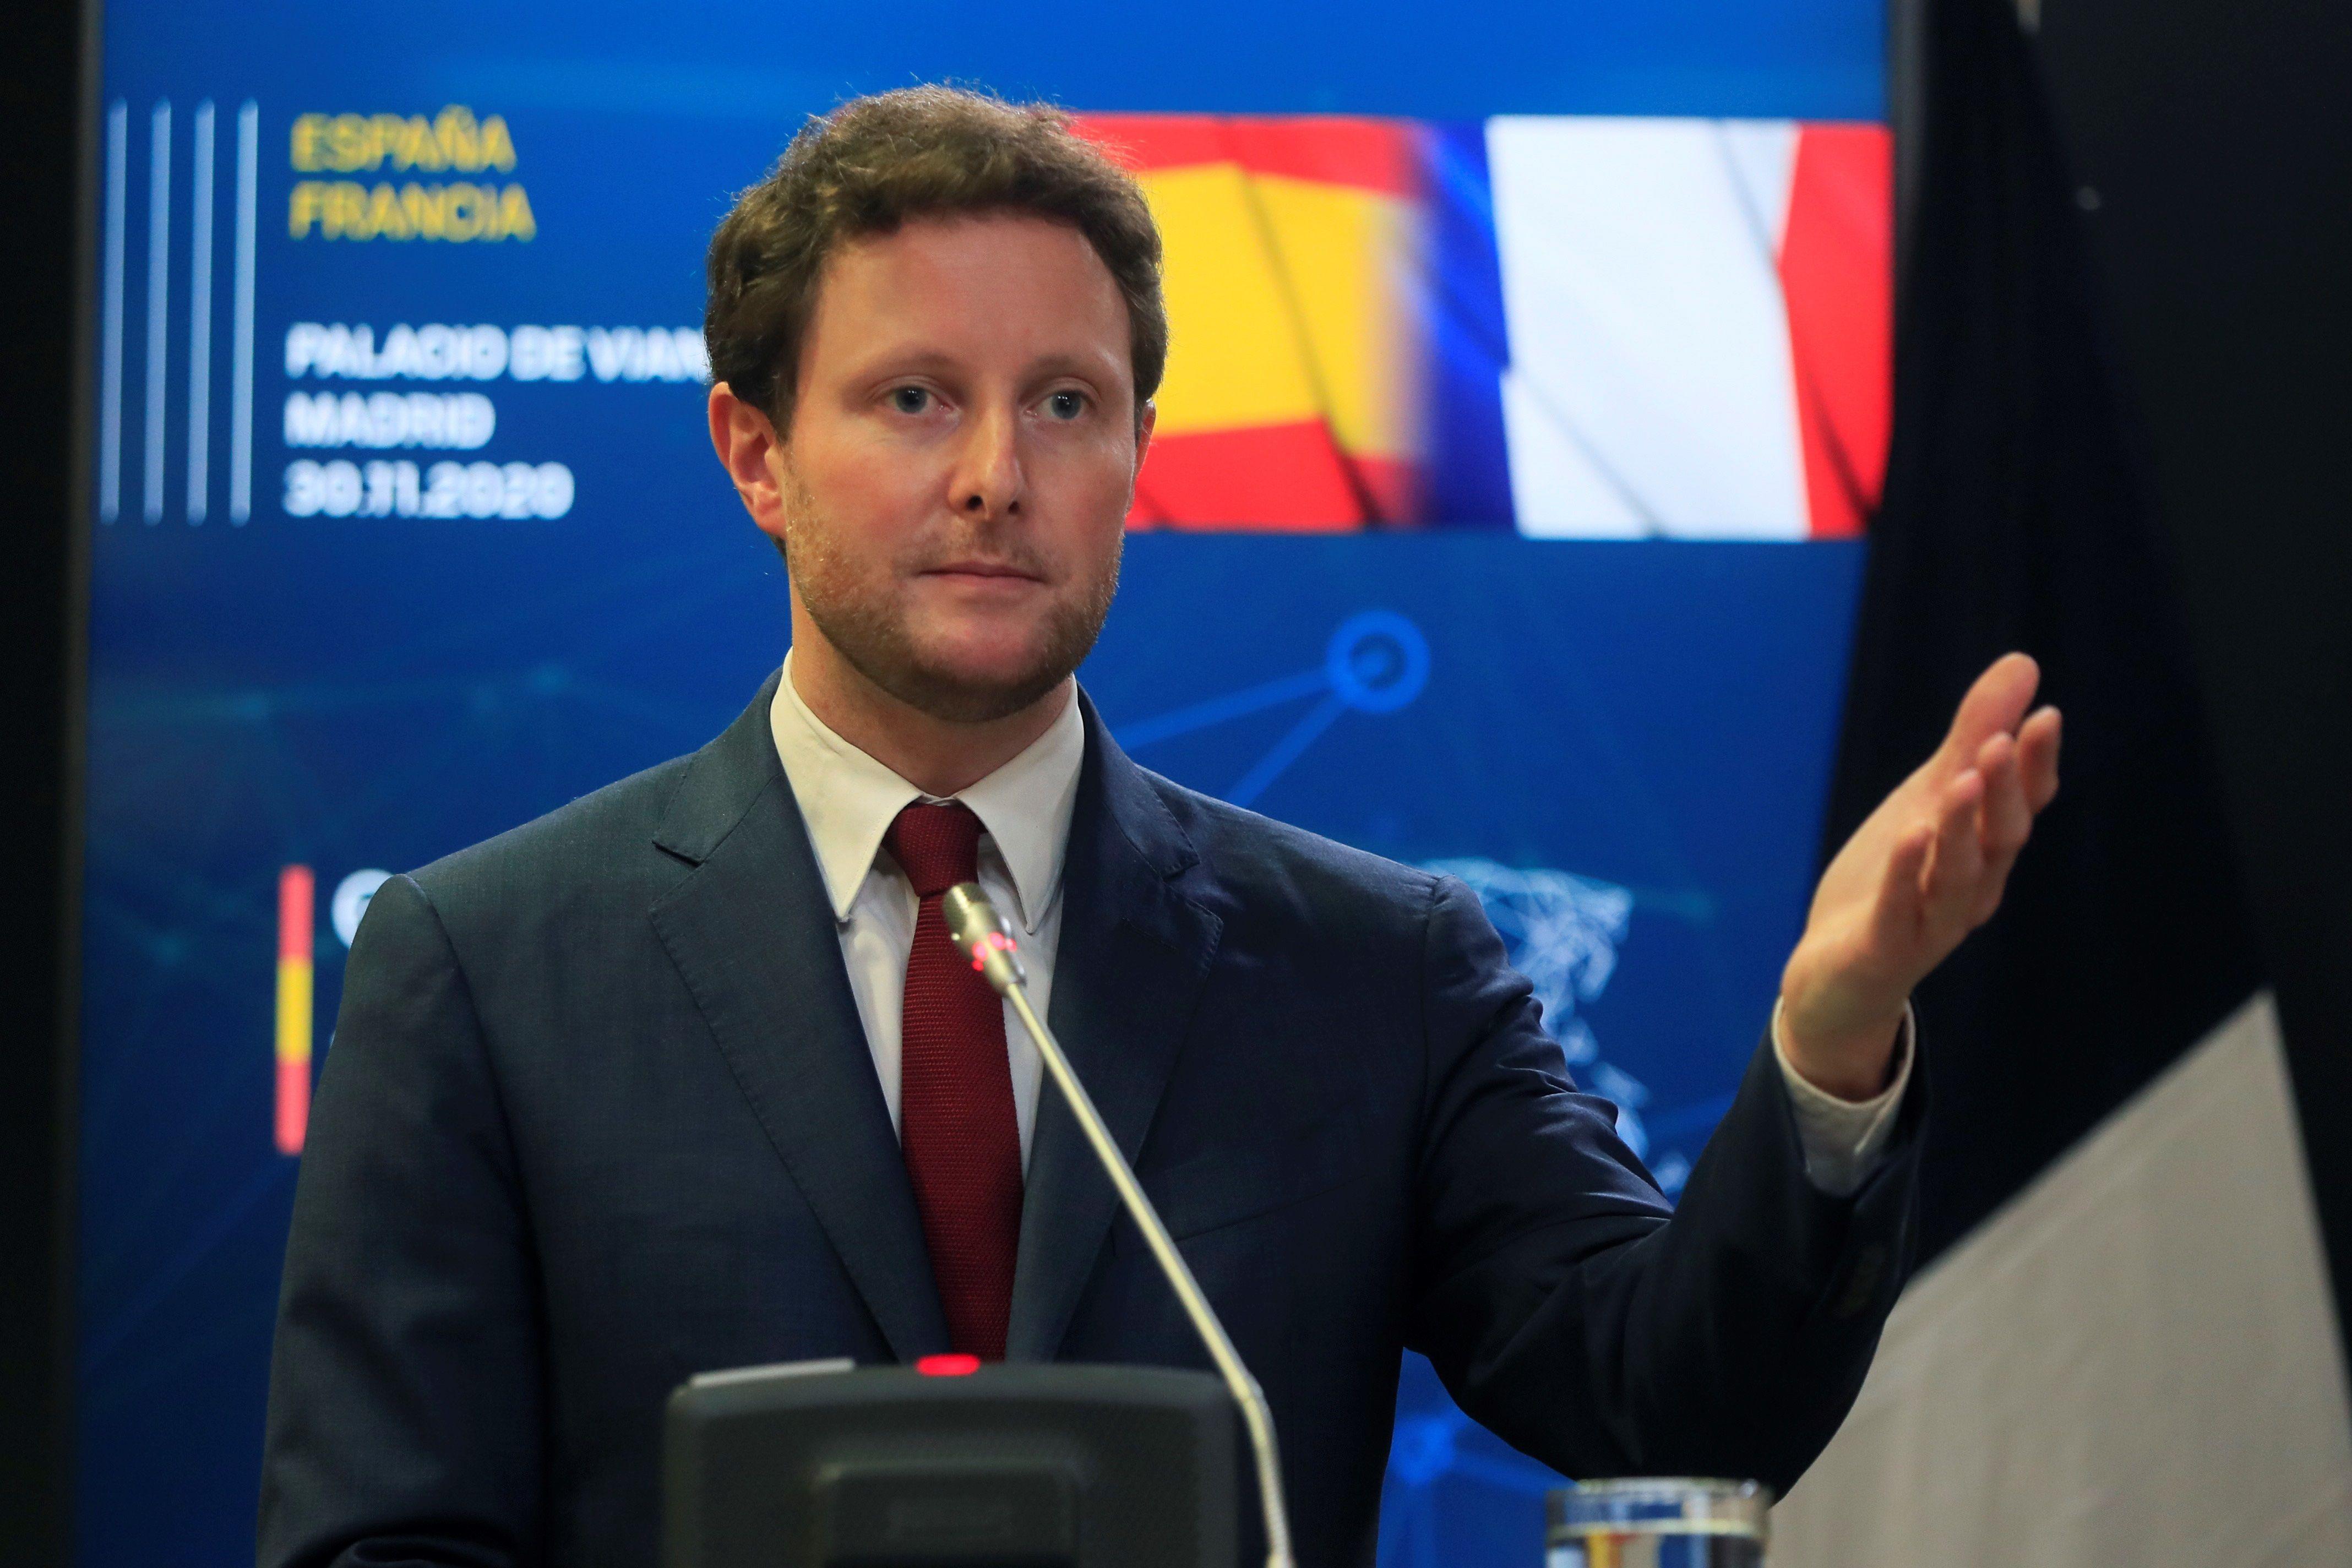 El secretario de Estado del Ministerio de Europa y Asuntos Extranjeros, Clément Beaune.. EFE/ Fernando Alvarado/Archivo